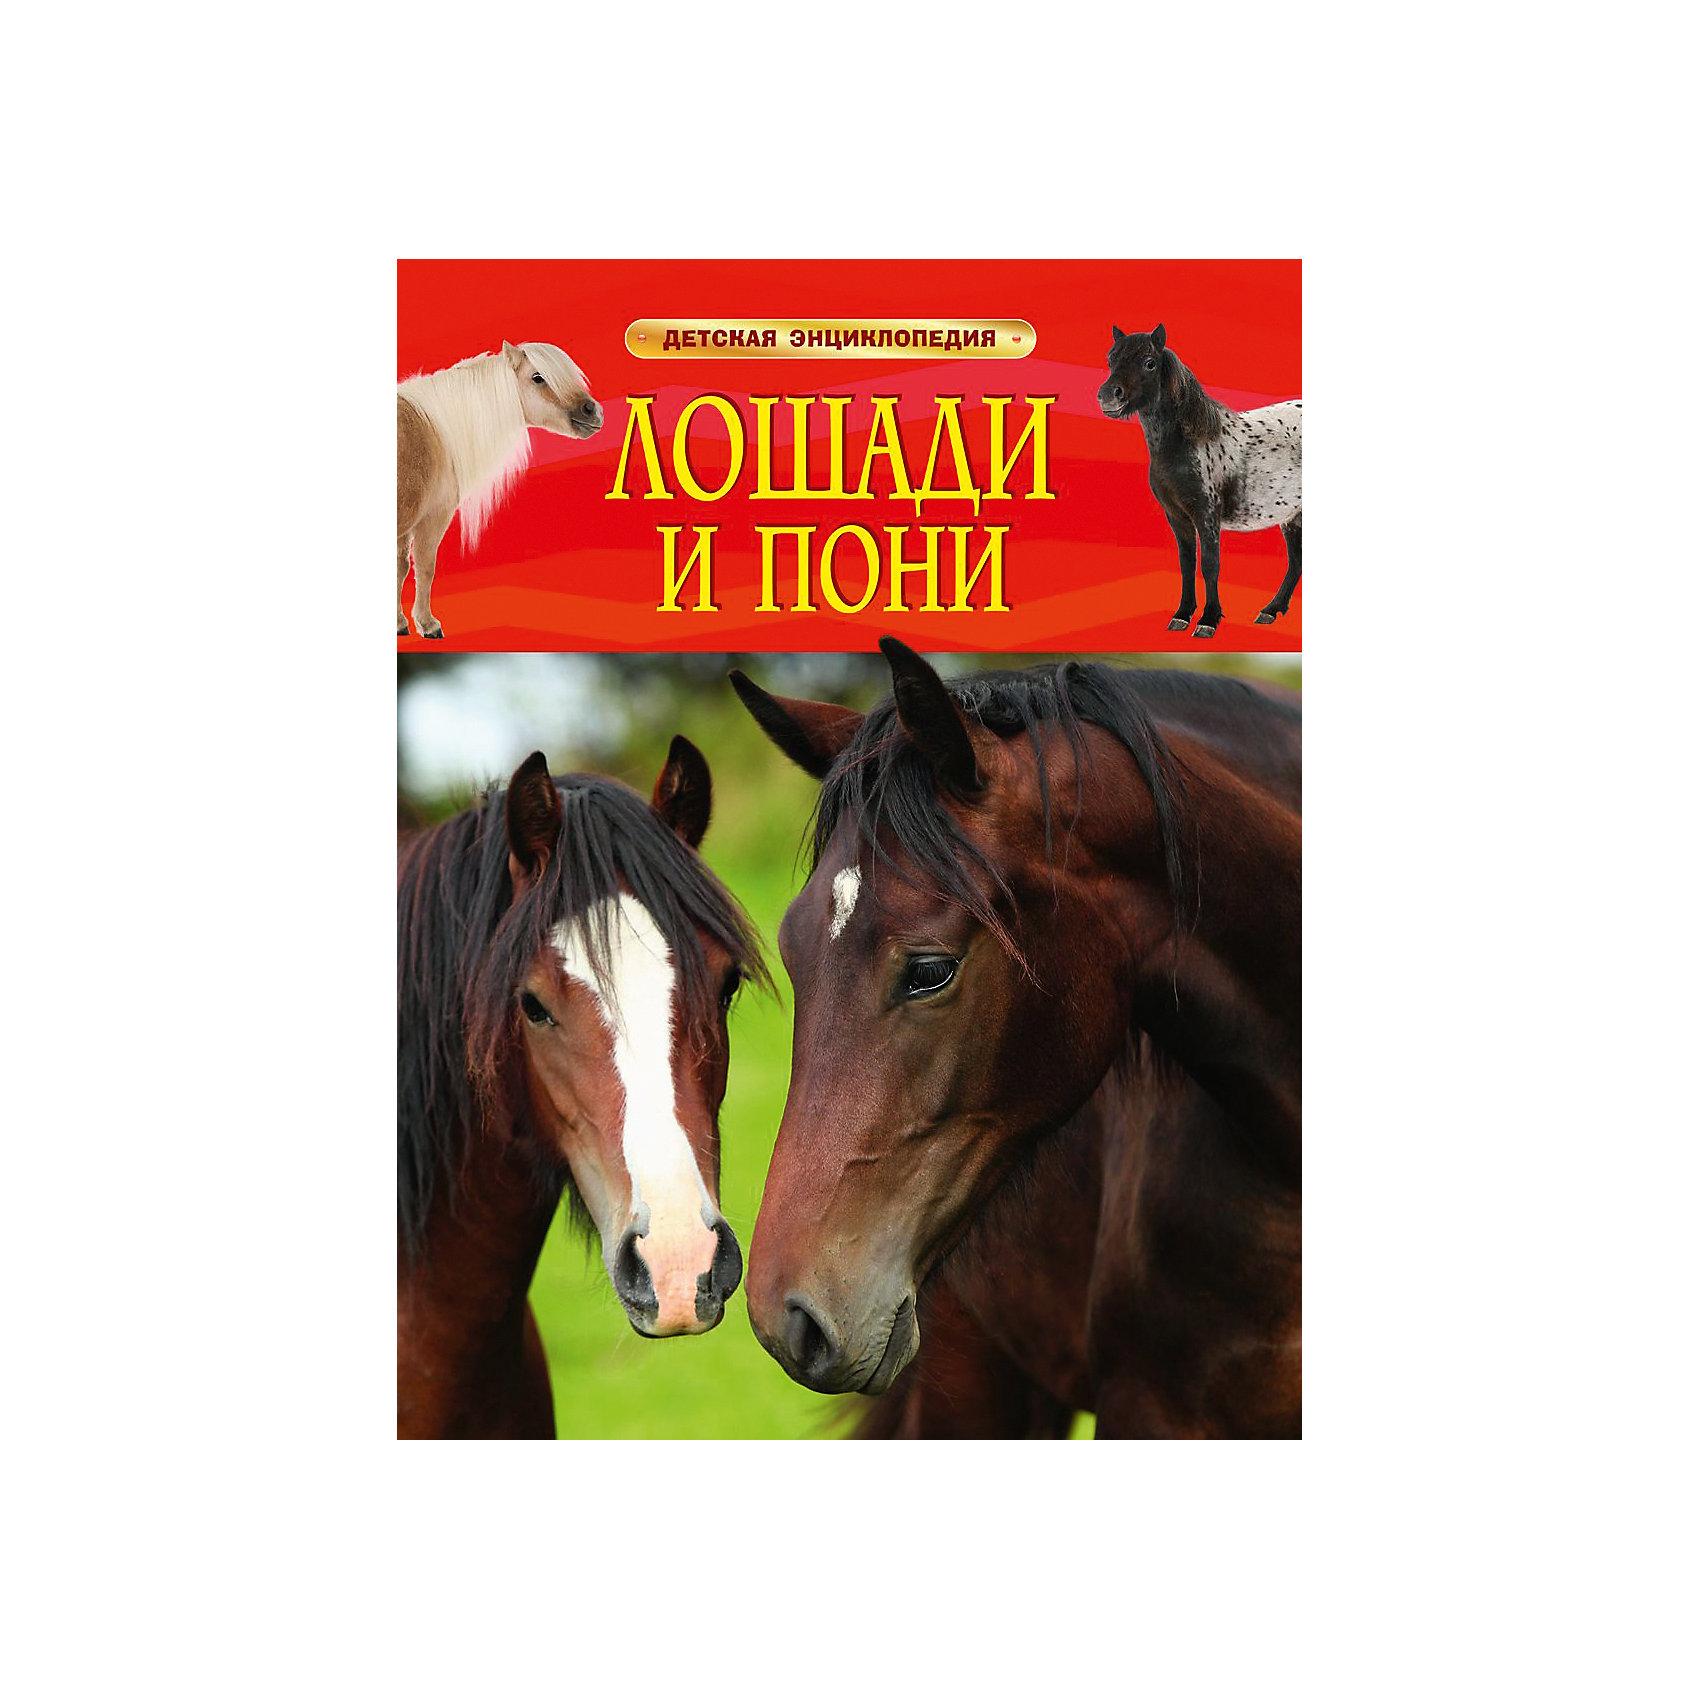 Росмэн Детская энциклопедия Лошади и пони травина и в лошади самая первая энциклопедия